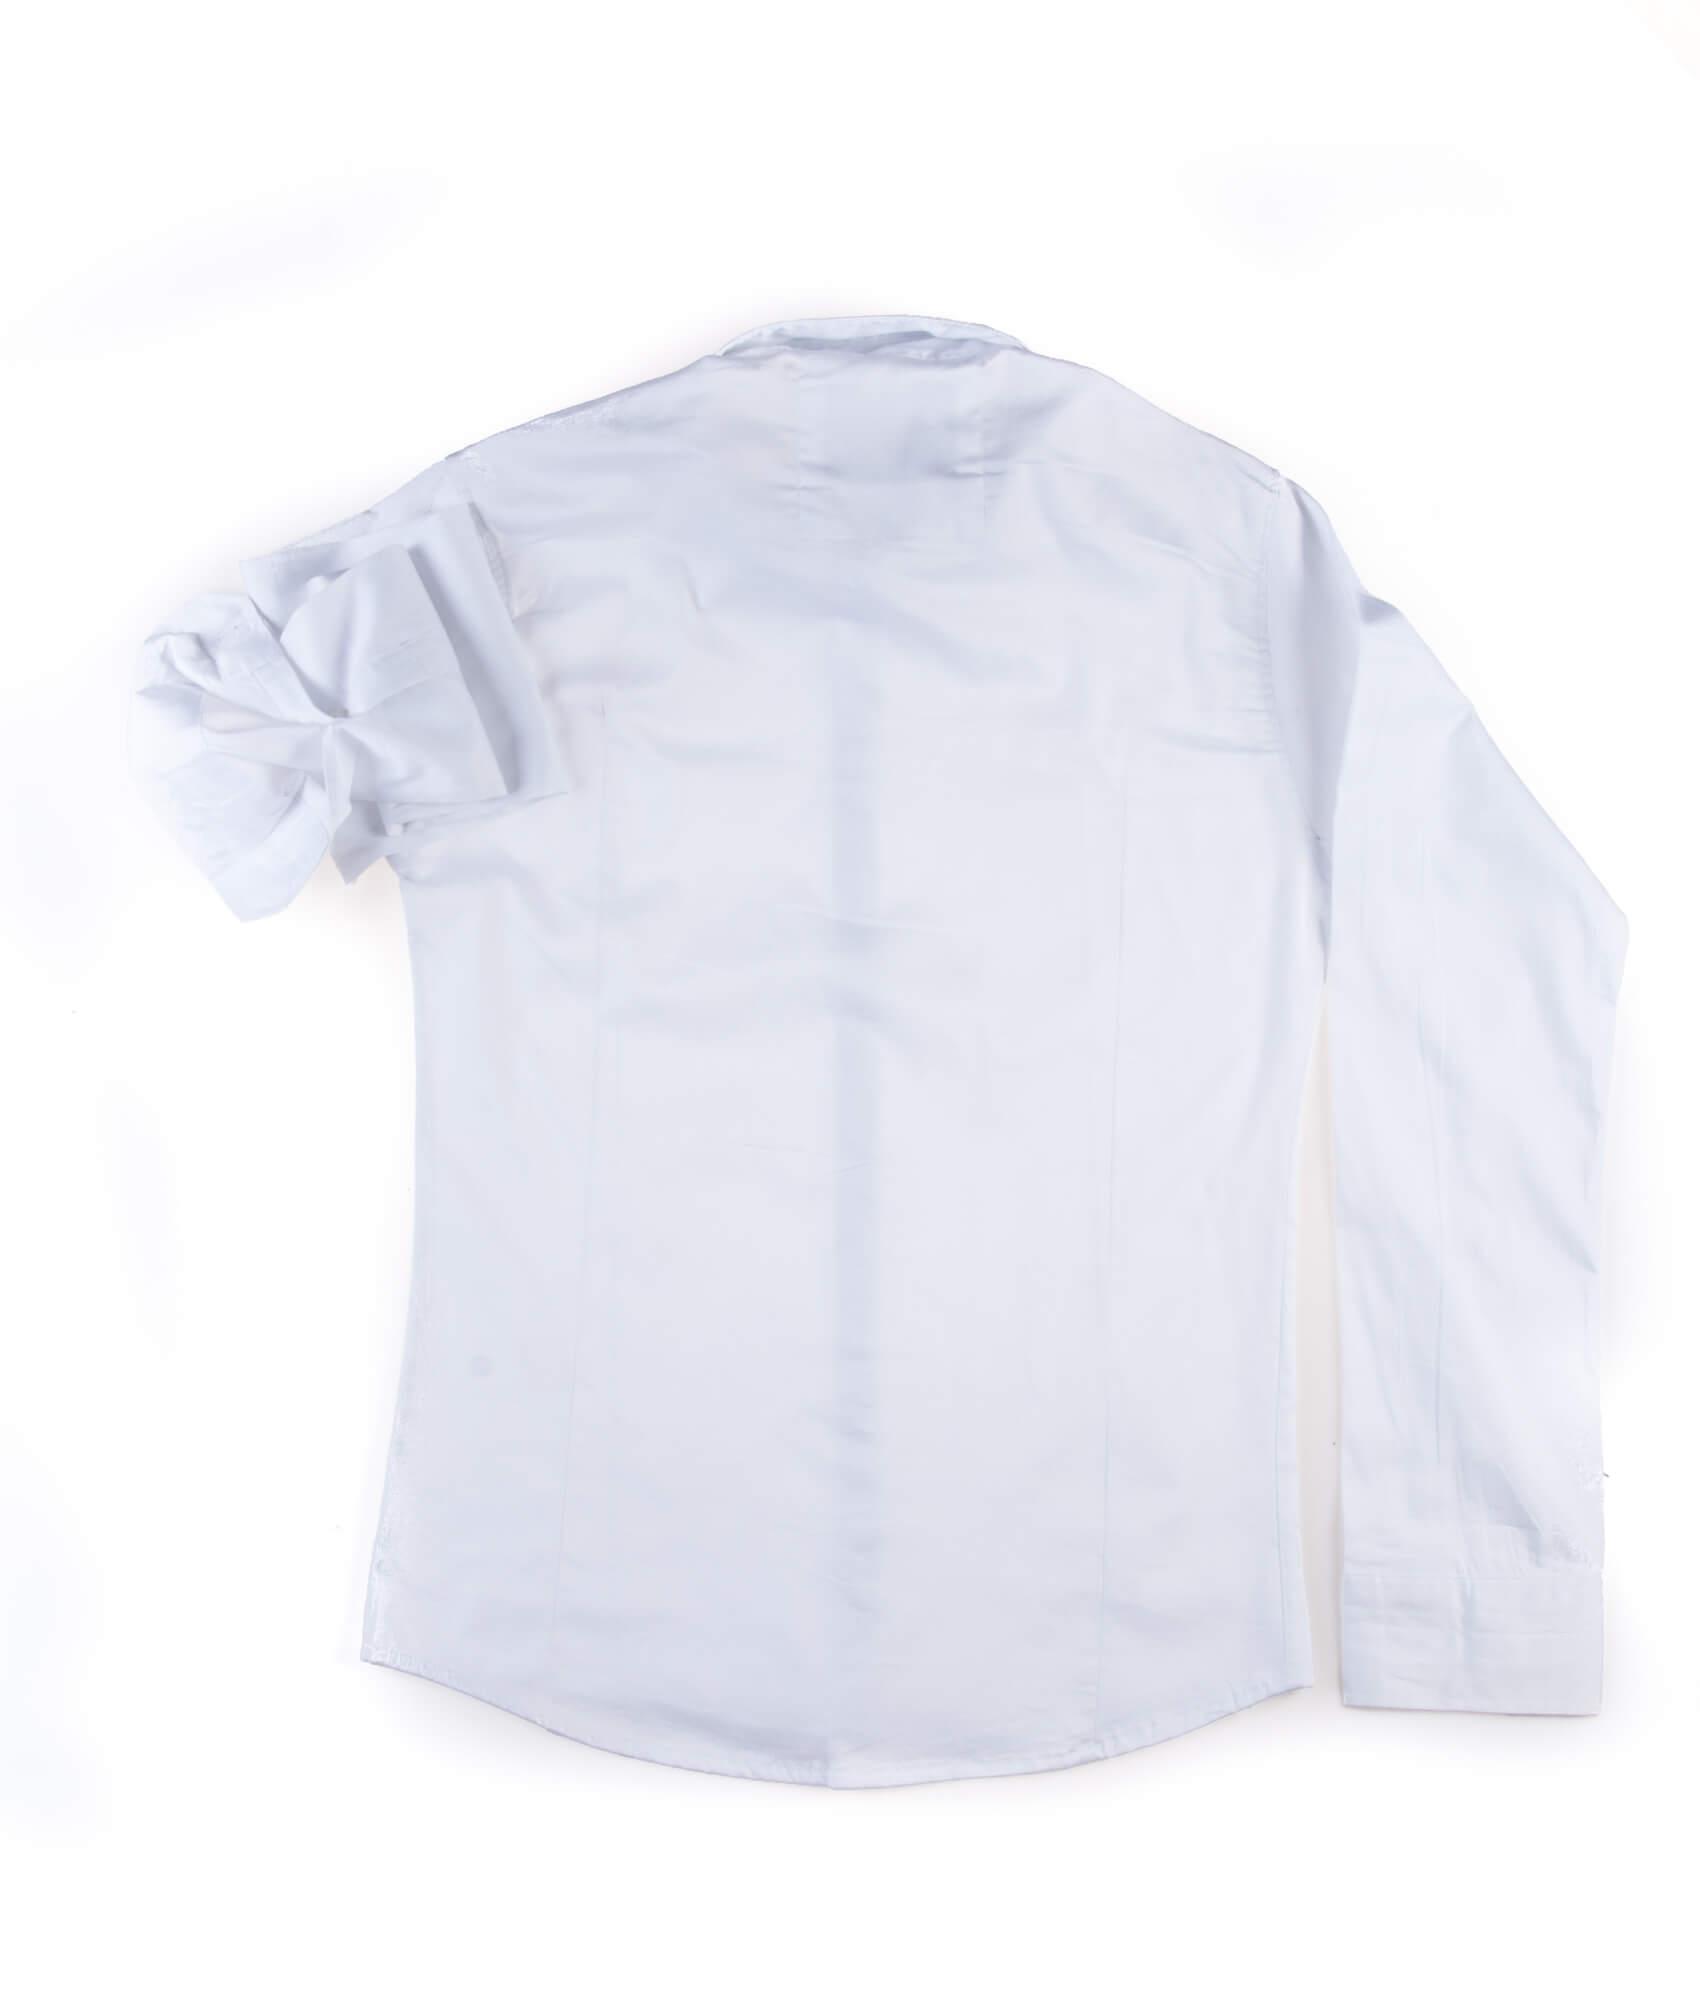 پیراهن ساده مردانه سفید اترو P1008